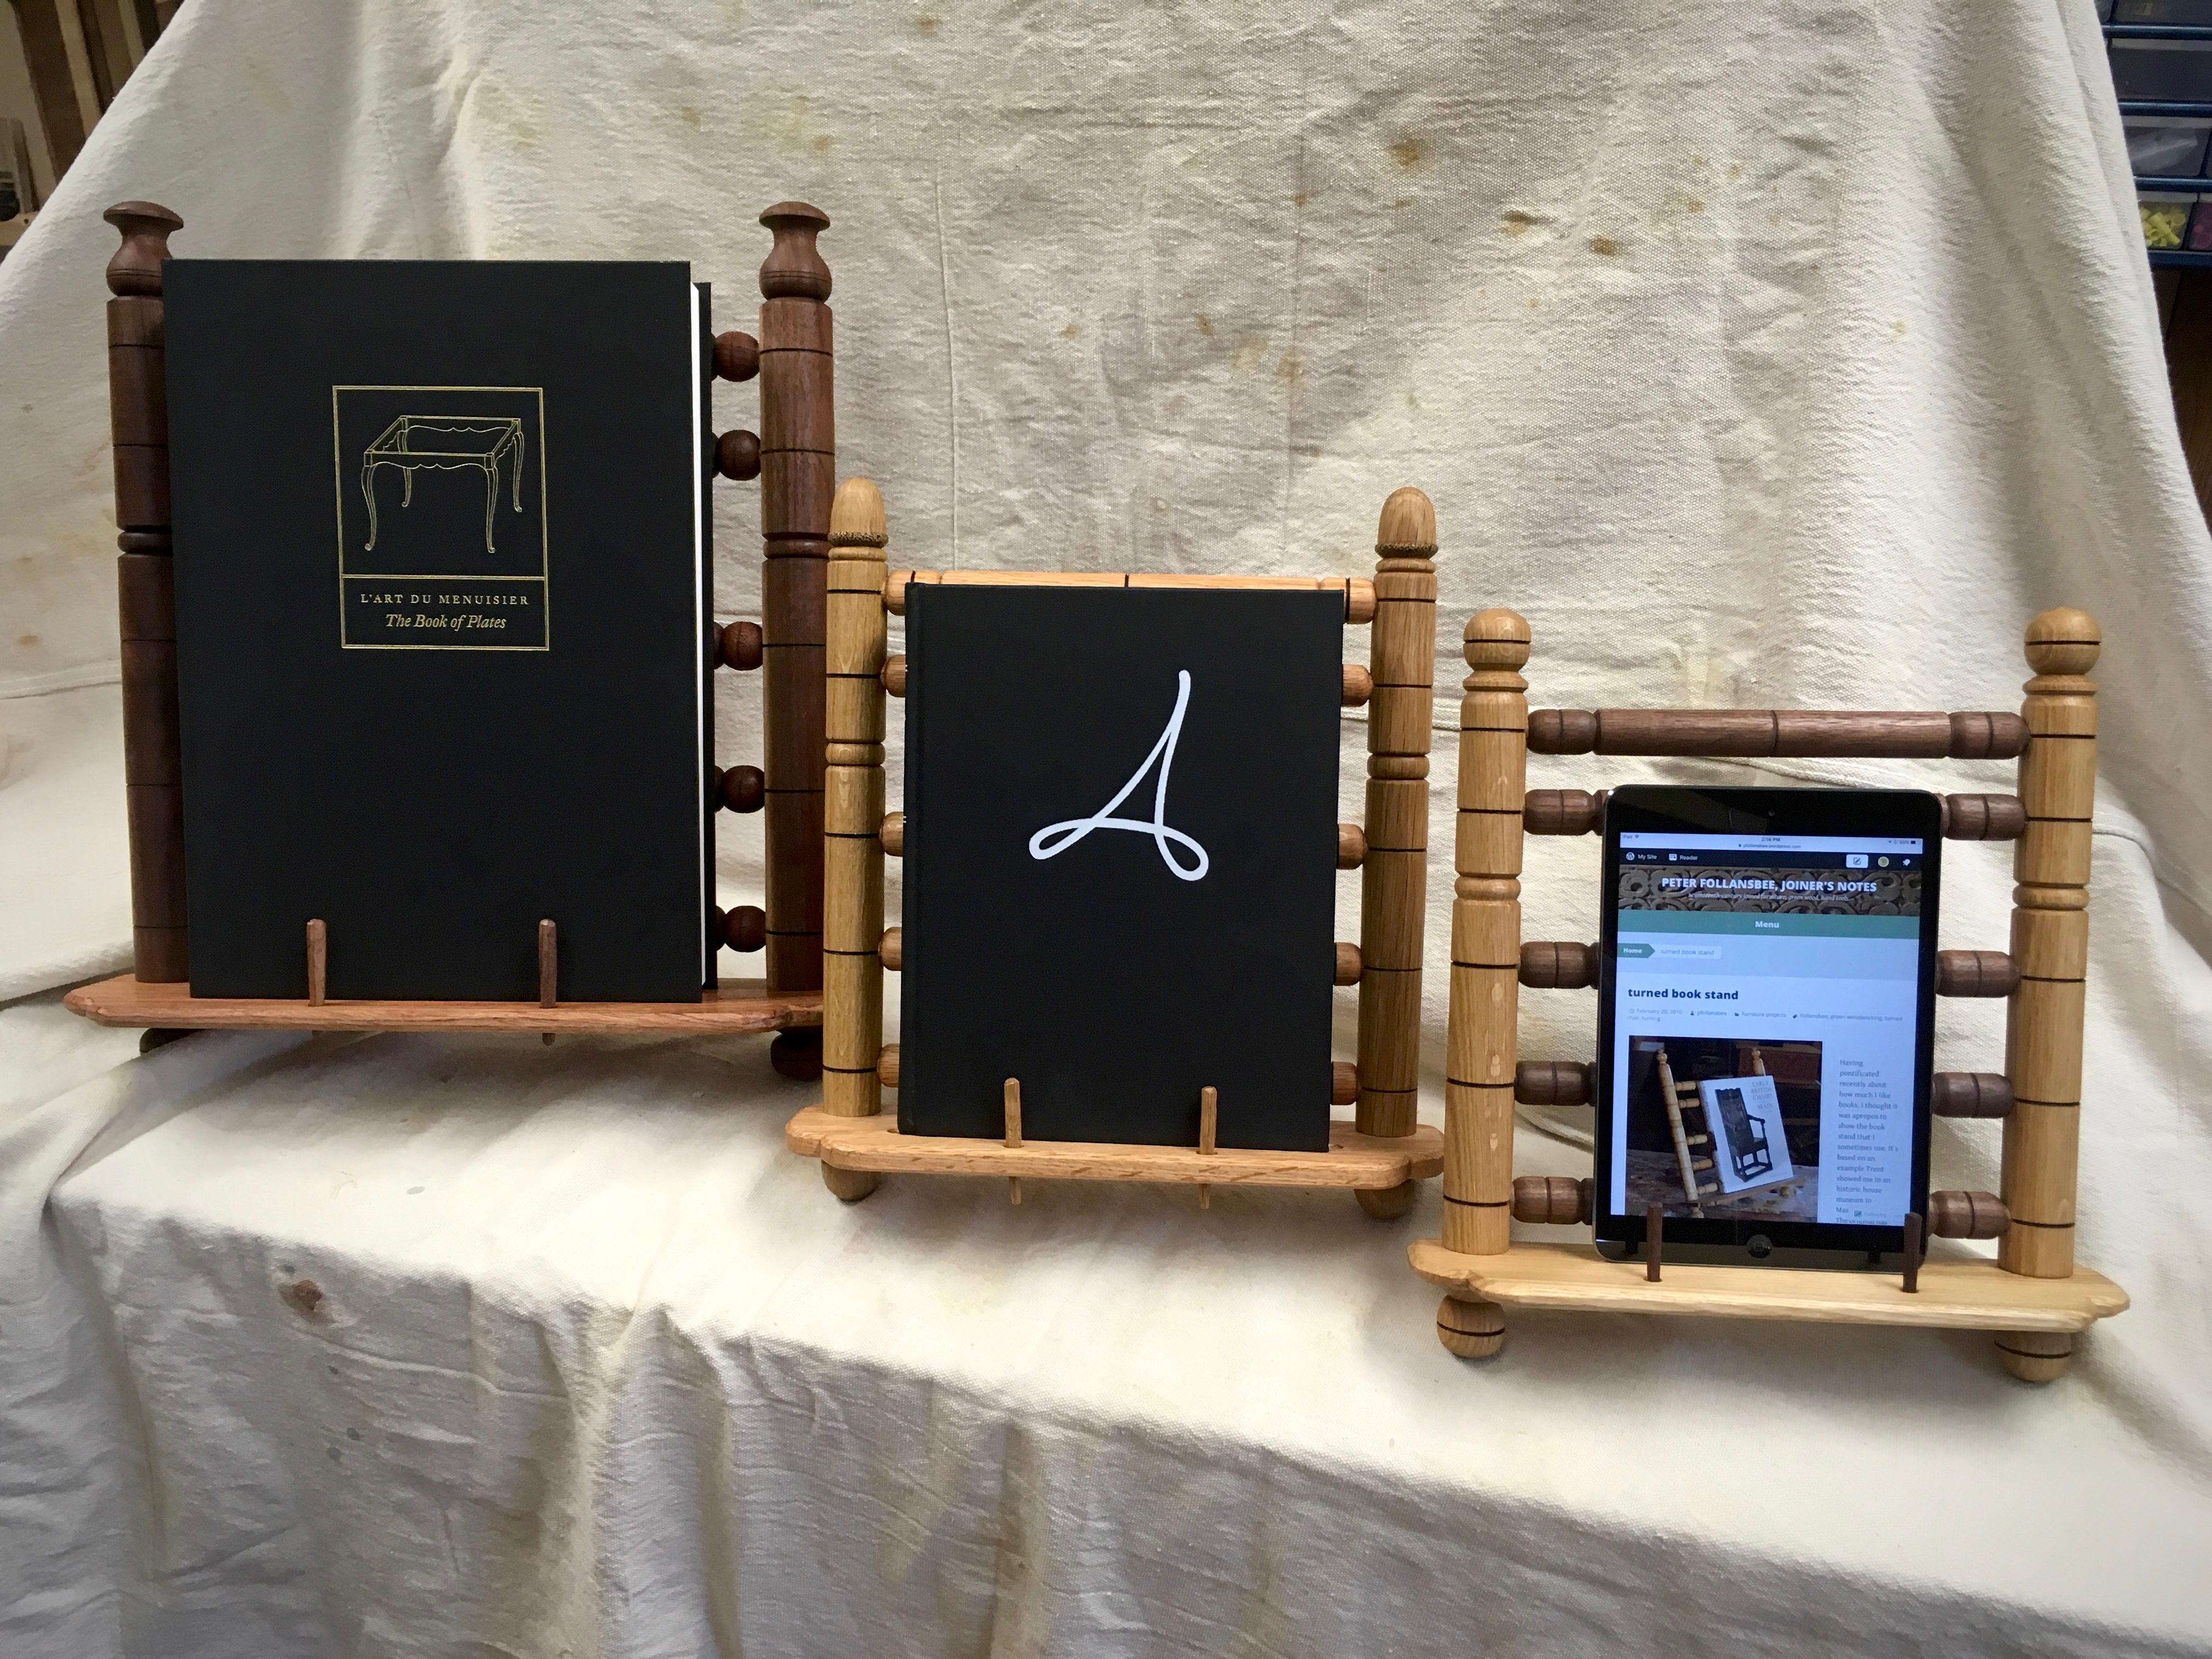 ratcheting book stand lathe project hillbilly daiku